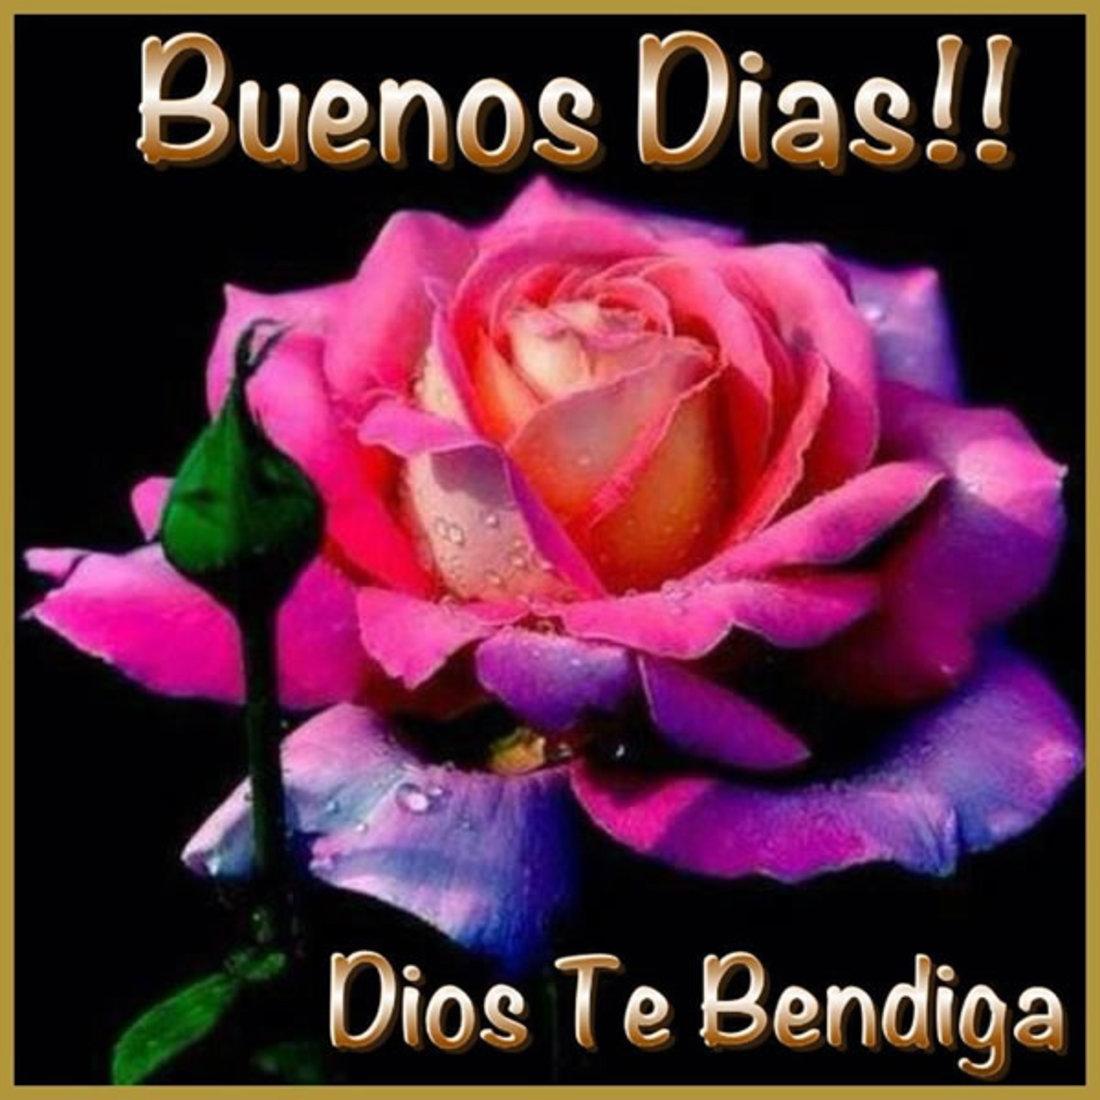 Buenos Días, Dios te bendiga